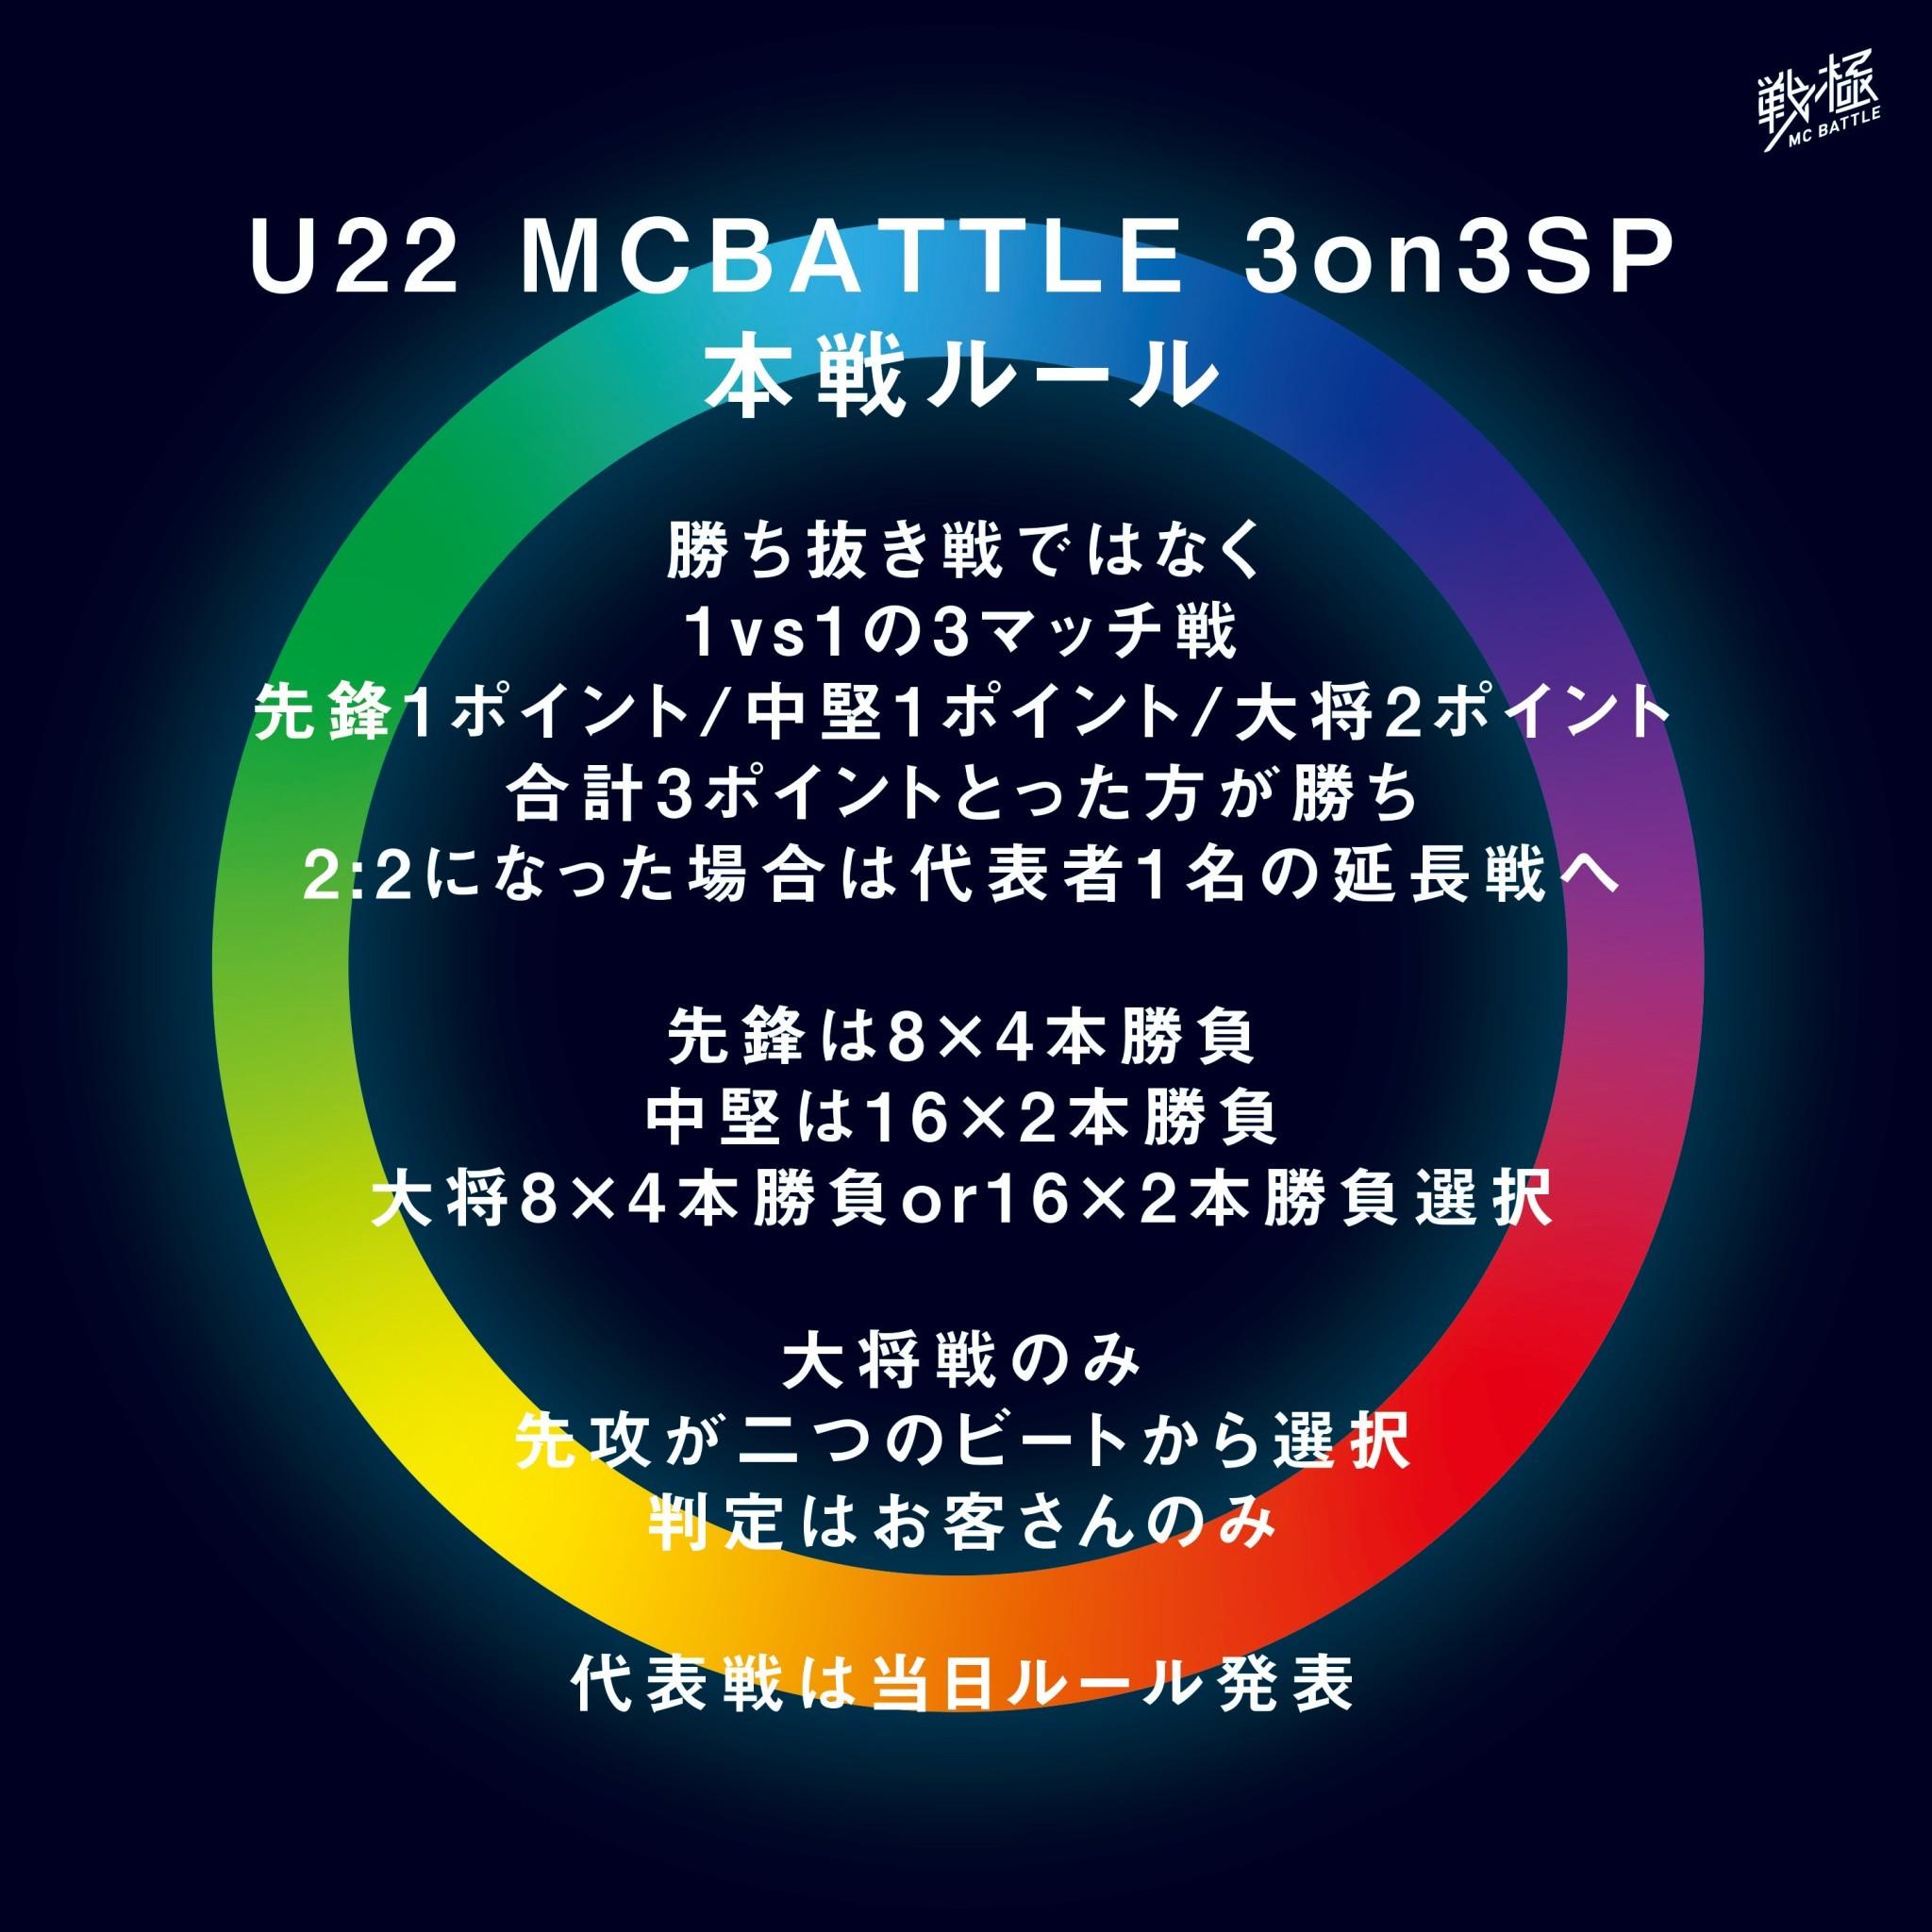 2021年3月14日 U22 MCBATTLE 3vs3 SP 2021 配信チケット販売 当日券あり タイムテーブル発表!_e0246863_15093732.jpg